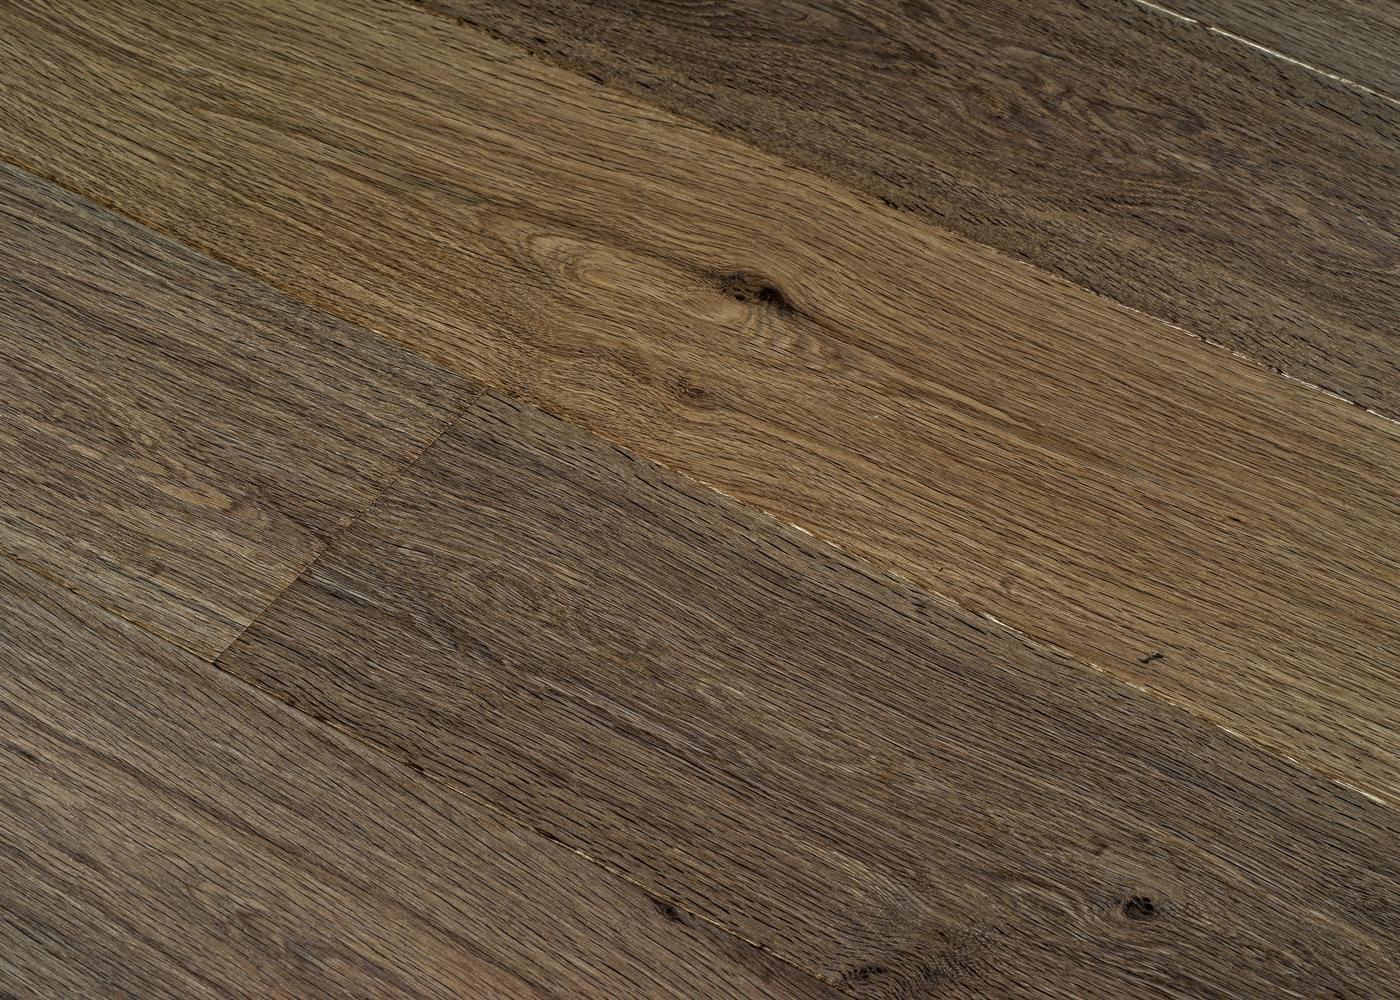 Parquet chêne contrecollé ÉCORCE Mélange 50% PRBis, 50% Matière 12x160x1000-2000